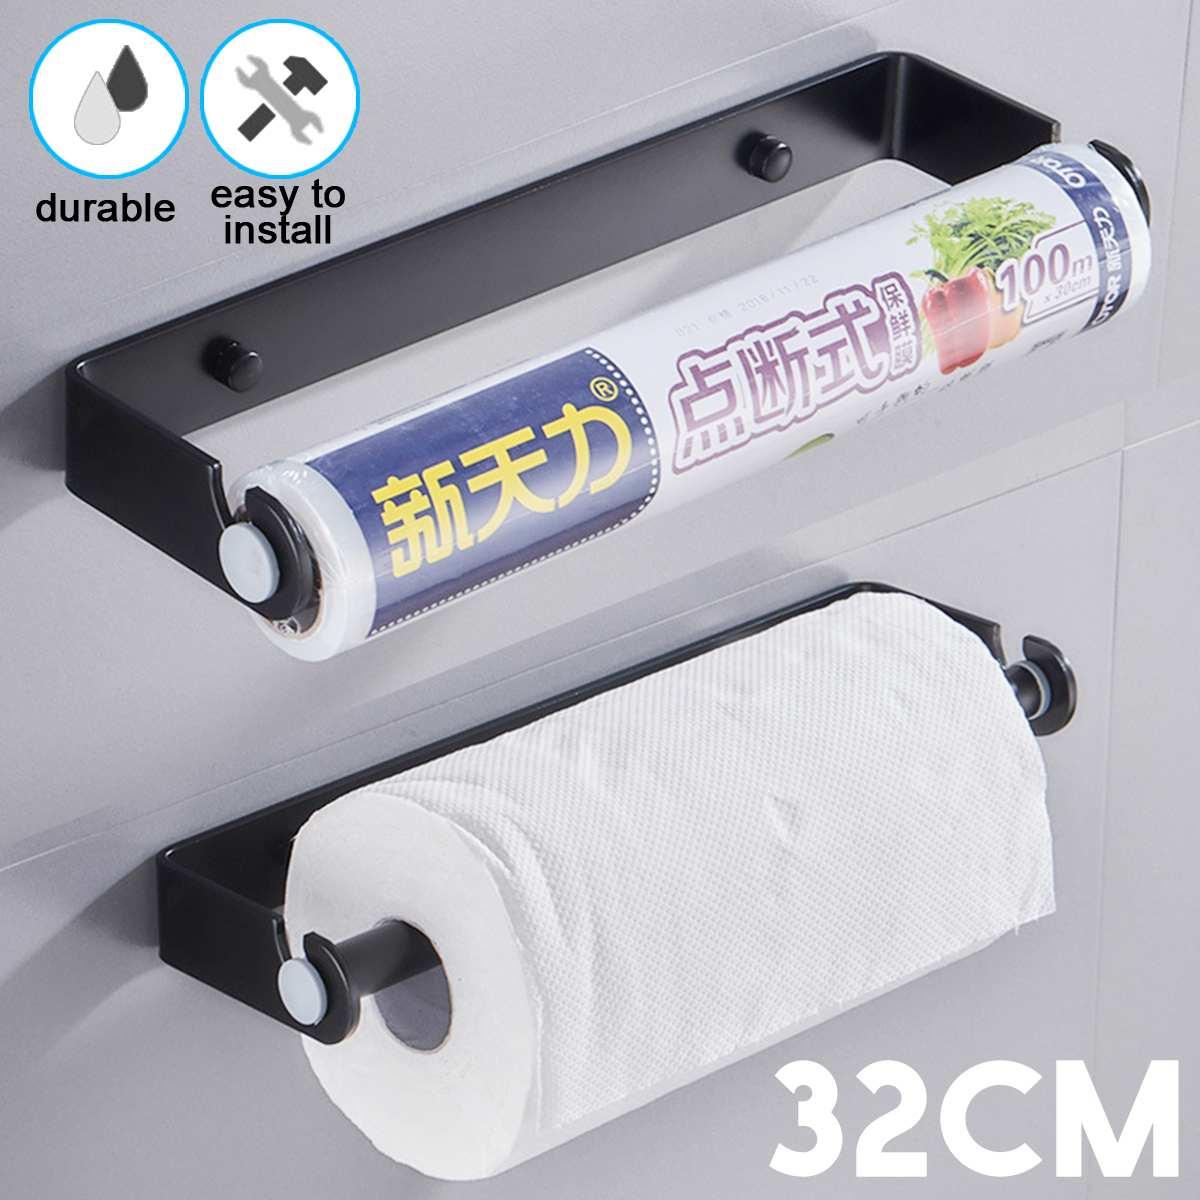 Portarollos Cocina 30CM Adhesivo Portarrollos de Cocina Debajo Del Gabinete Dispensador Soporte para Papel Acero Inoxidable